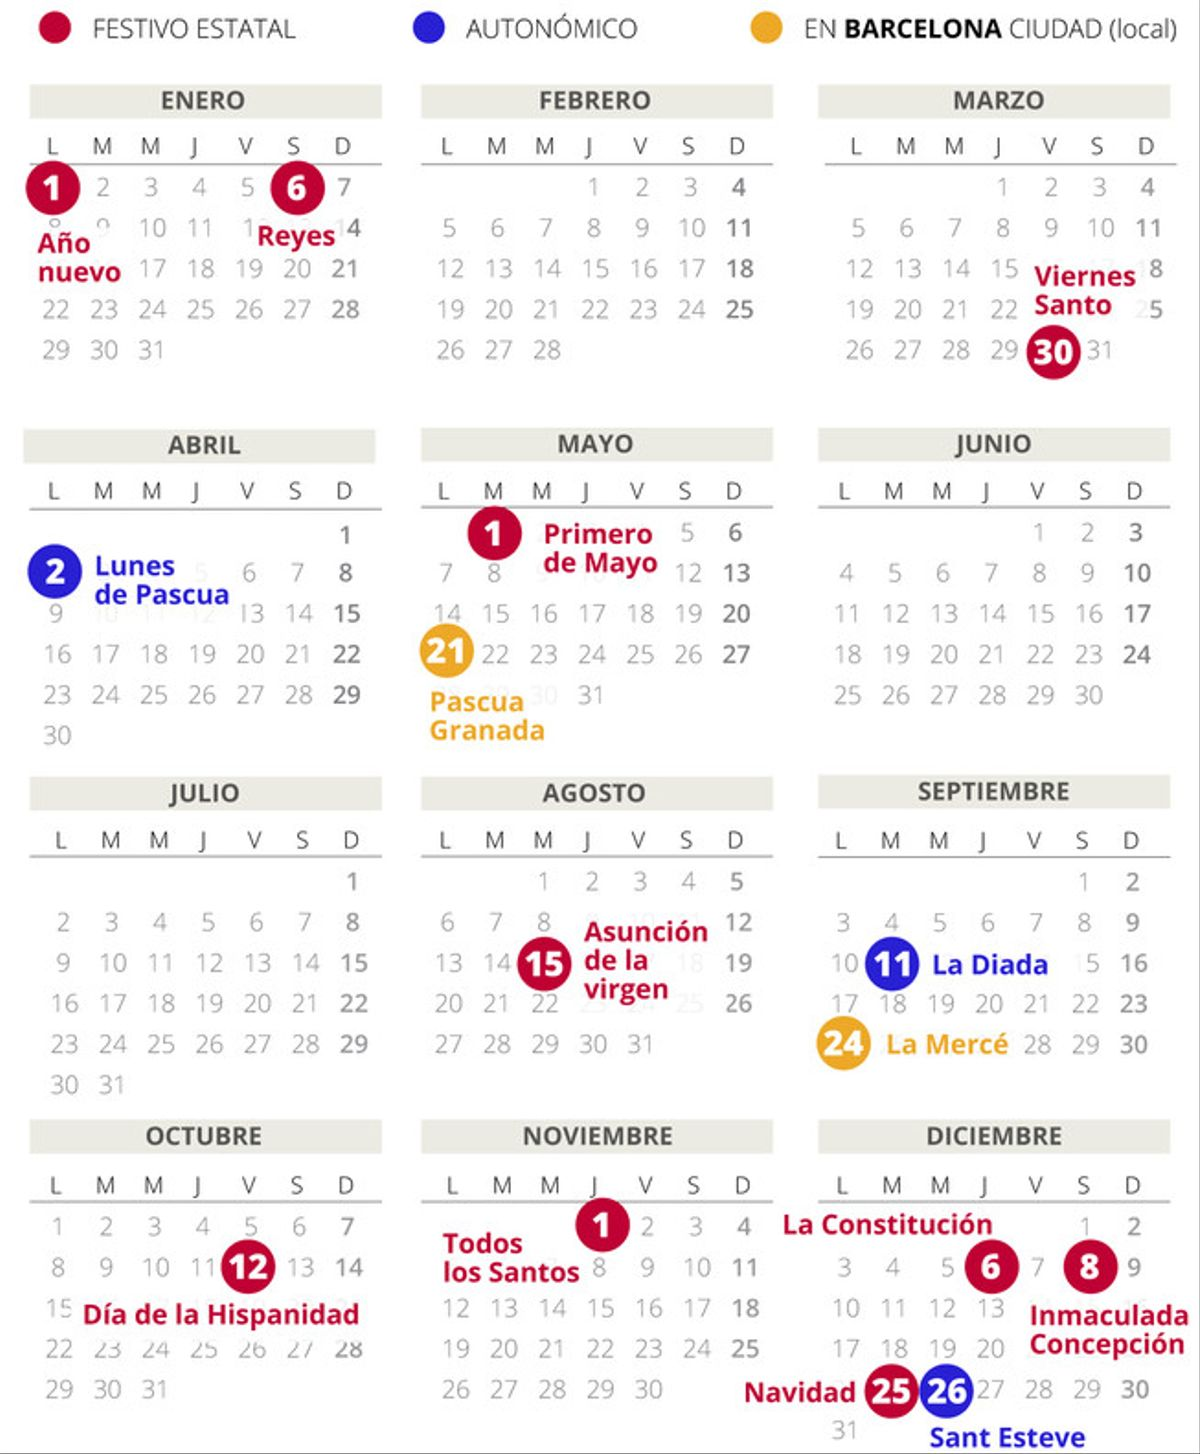 Calendario laboral de Barcelona del 2018.